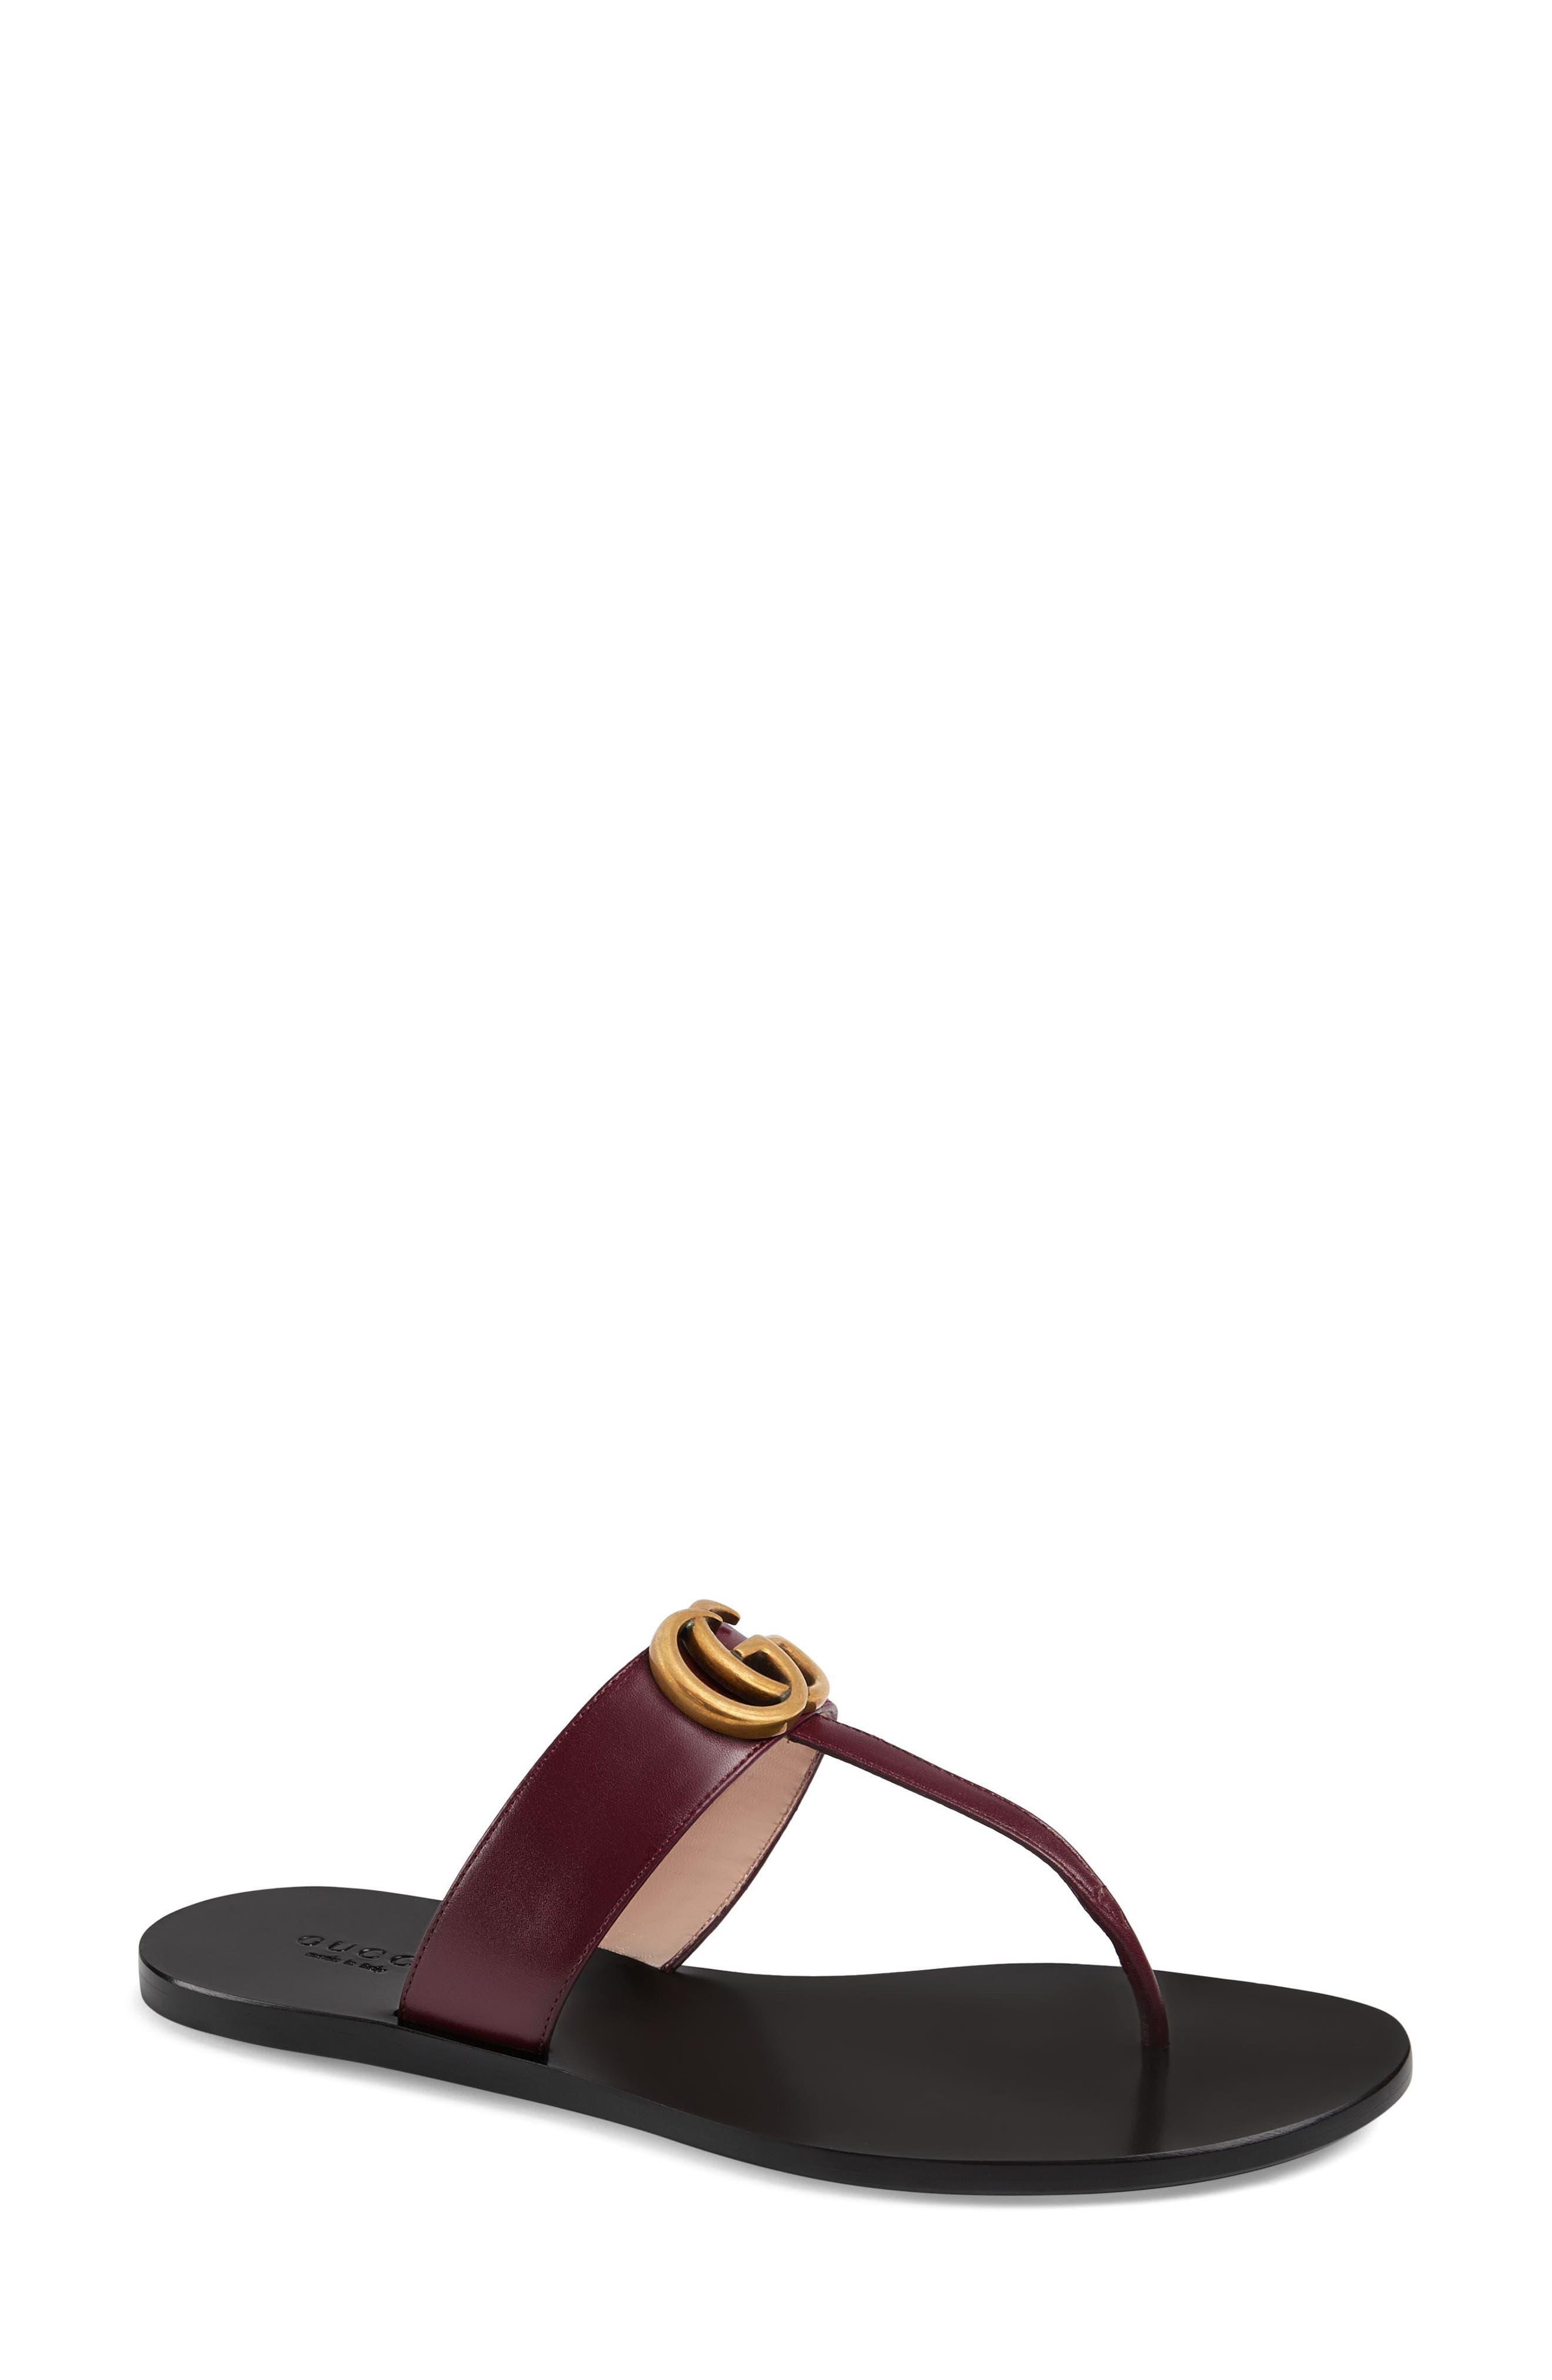 Marmont T-Strap Sandal,                             Main thumbnail 1, color,                             VINTAGE BORDEAUX